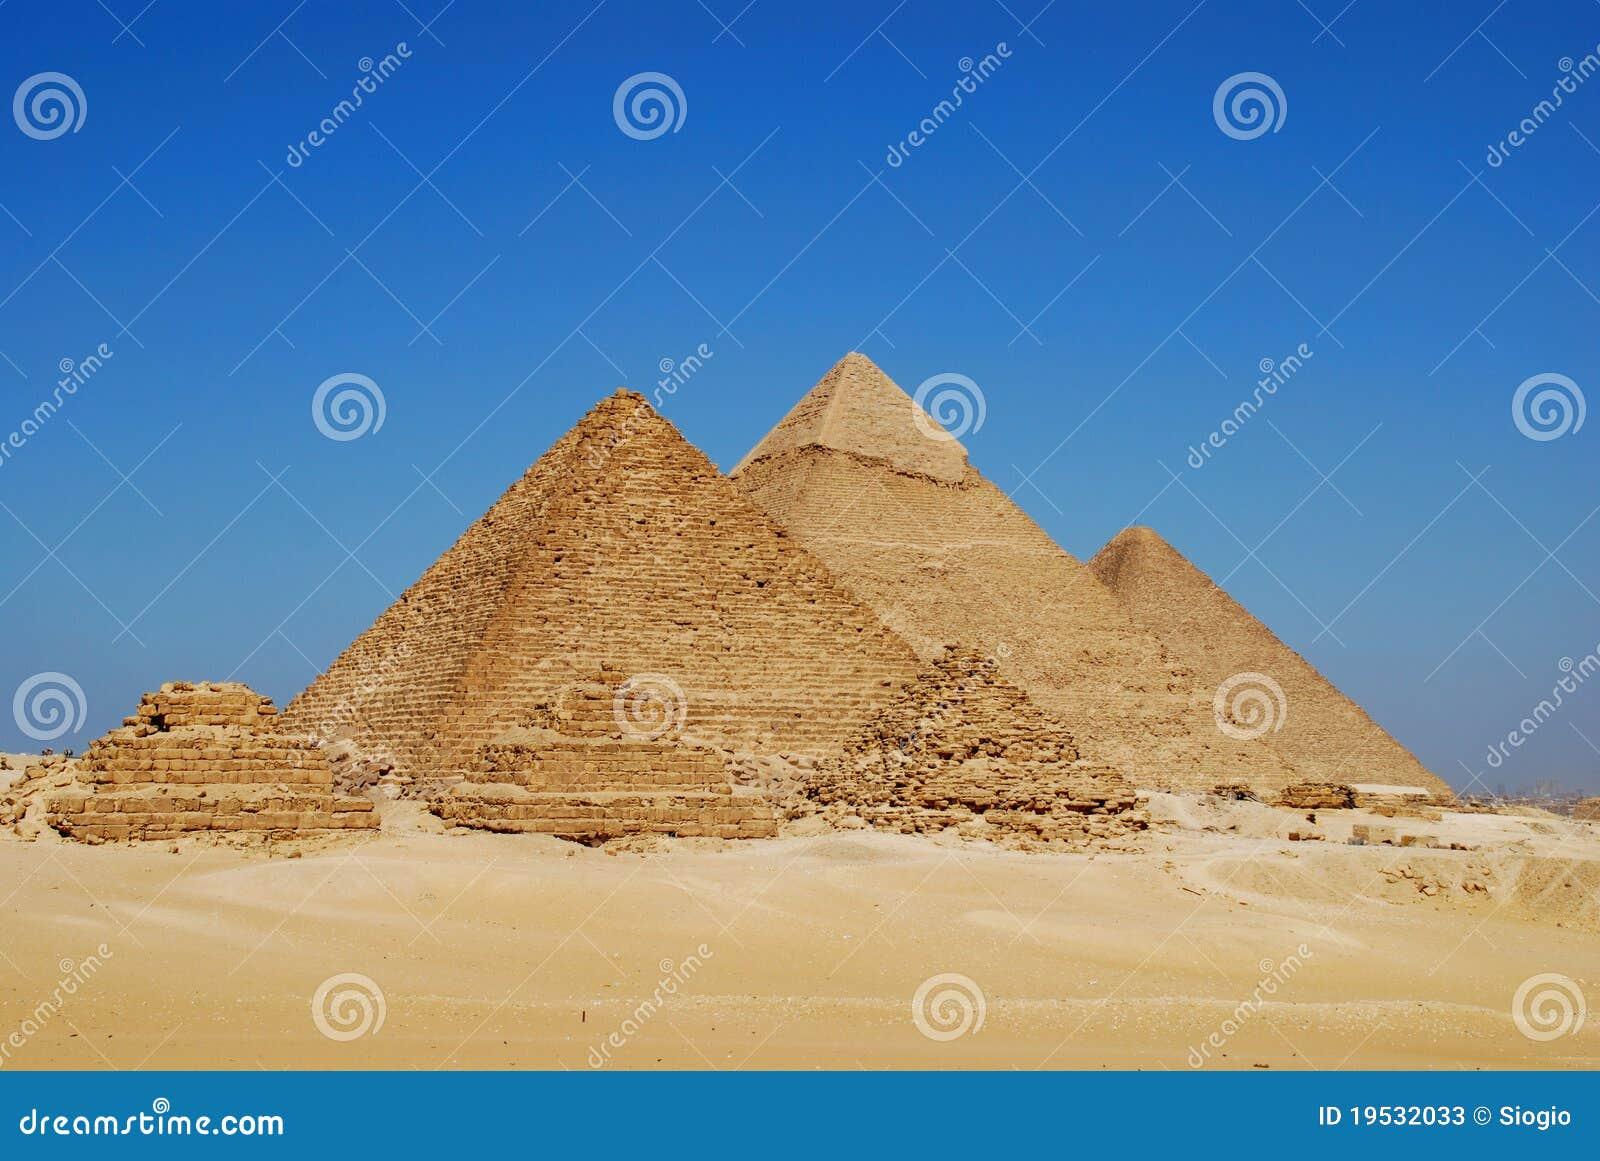 Las pirámides en Giza